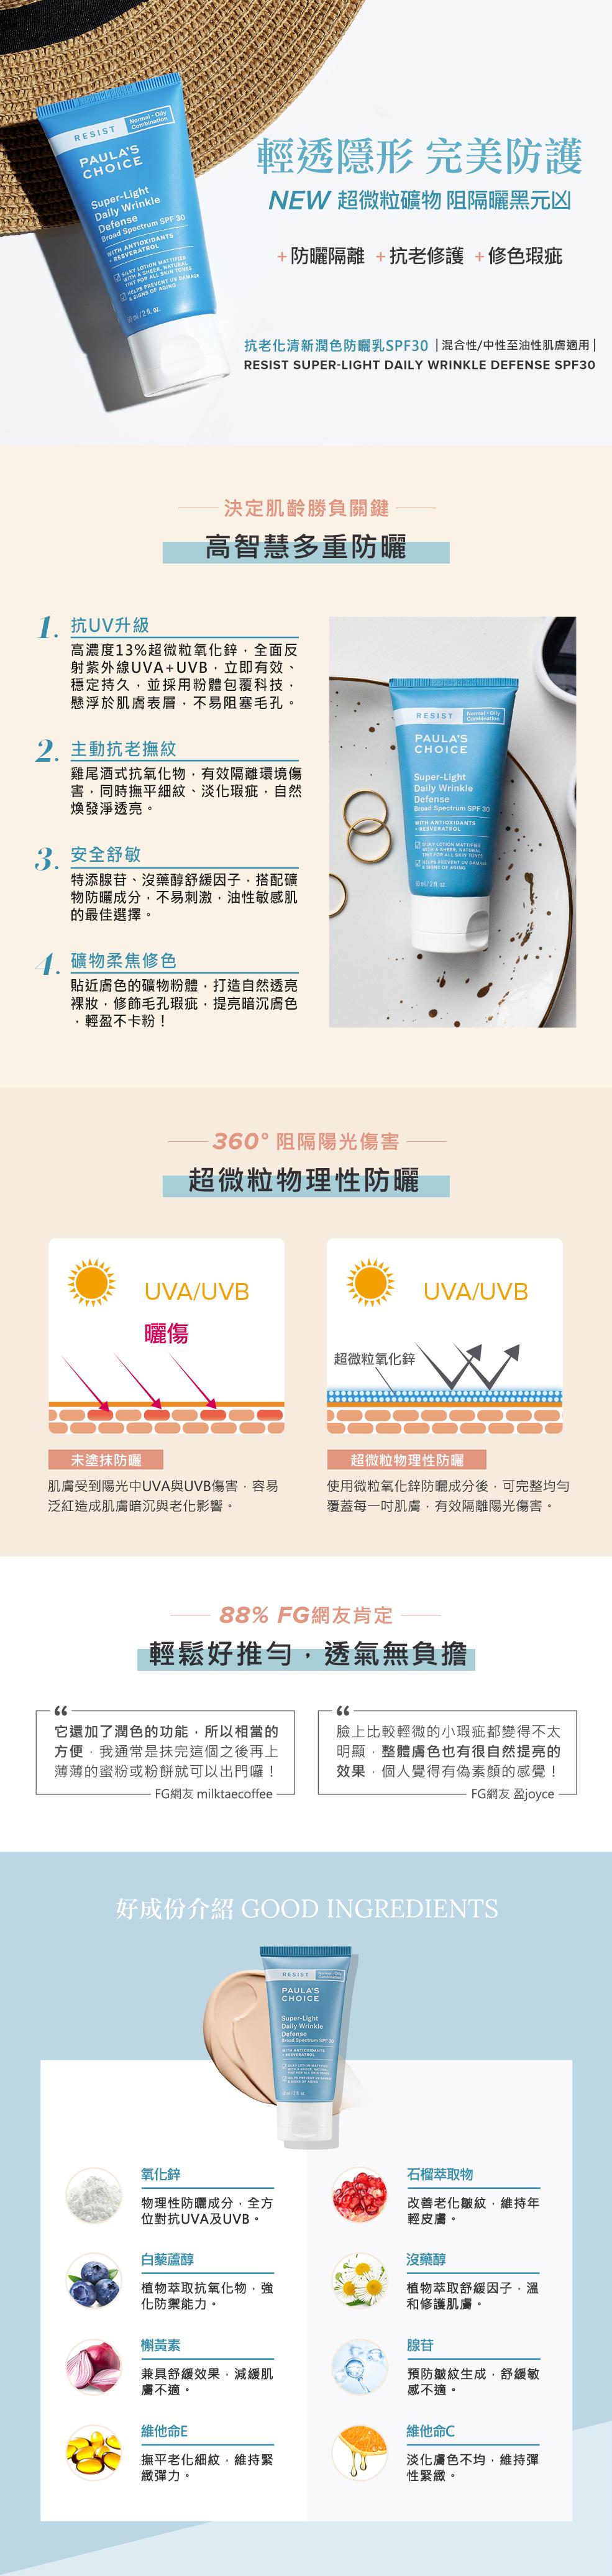 抗老化清新潤色防曬乳,輕透隱形完美防護,超微粒物理防曬配方,低敏不刺激、撫紋抗老、修色遮瑕,中至油、混合肌適用。四合一防曬機制,敏感油肌也能安心抗日。高效抗UV升級,含物理性超微粒氧化鋅防曬成分,全面反射紫外線UVA/UVB,立即有效穩定持久。主動撫紋抗老,協同8種抗氧化物,增強肌膚防護力,修護老化暗沉,重現緊緻光澤。安全舒敏零負擔,溫和礦物防曬,特添腺苷、沒藥醇舒緩因子,獨特懸浮微粒科技,不易阻塞毛孔。礦物柔焦修色,貼近膚色的礦物粉底,搭配高延展性質清爽質地,可迅速打造自然透亮裸妝感。